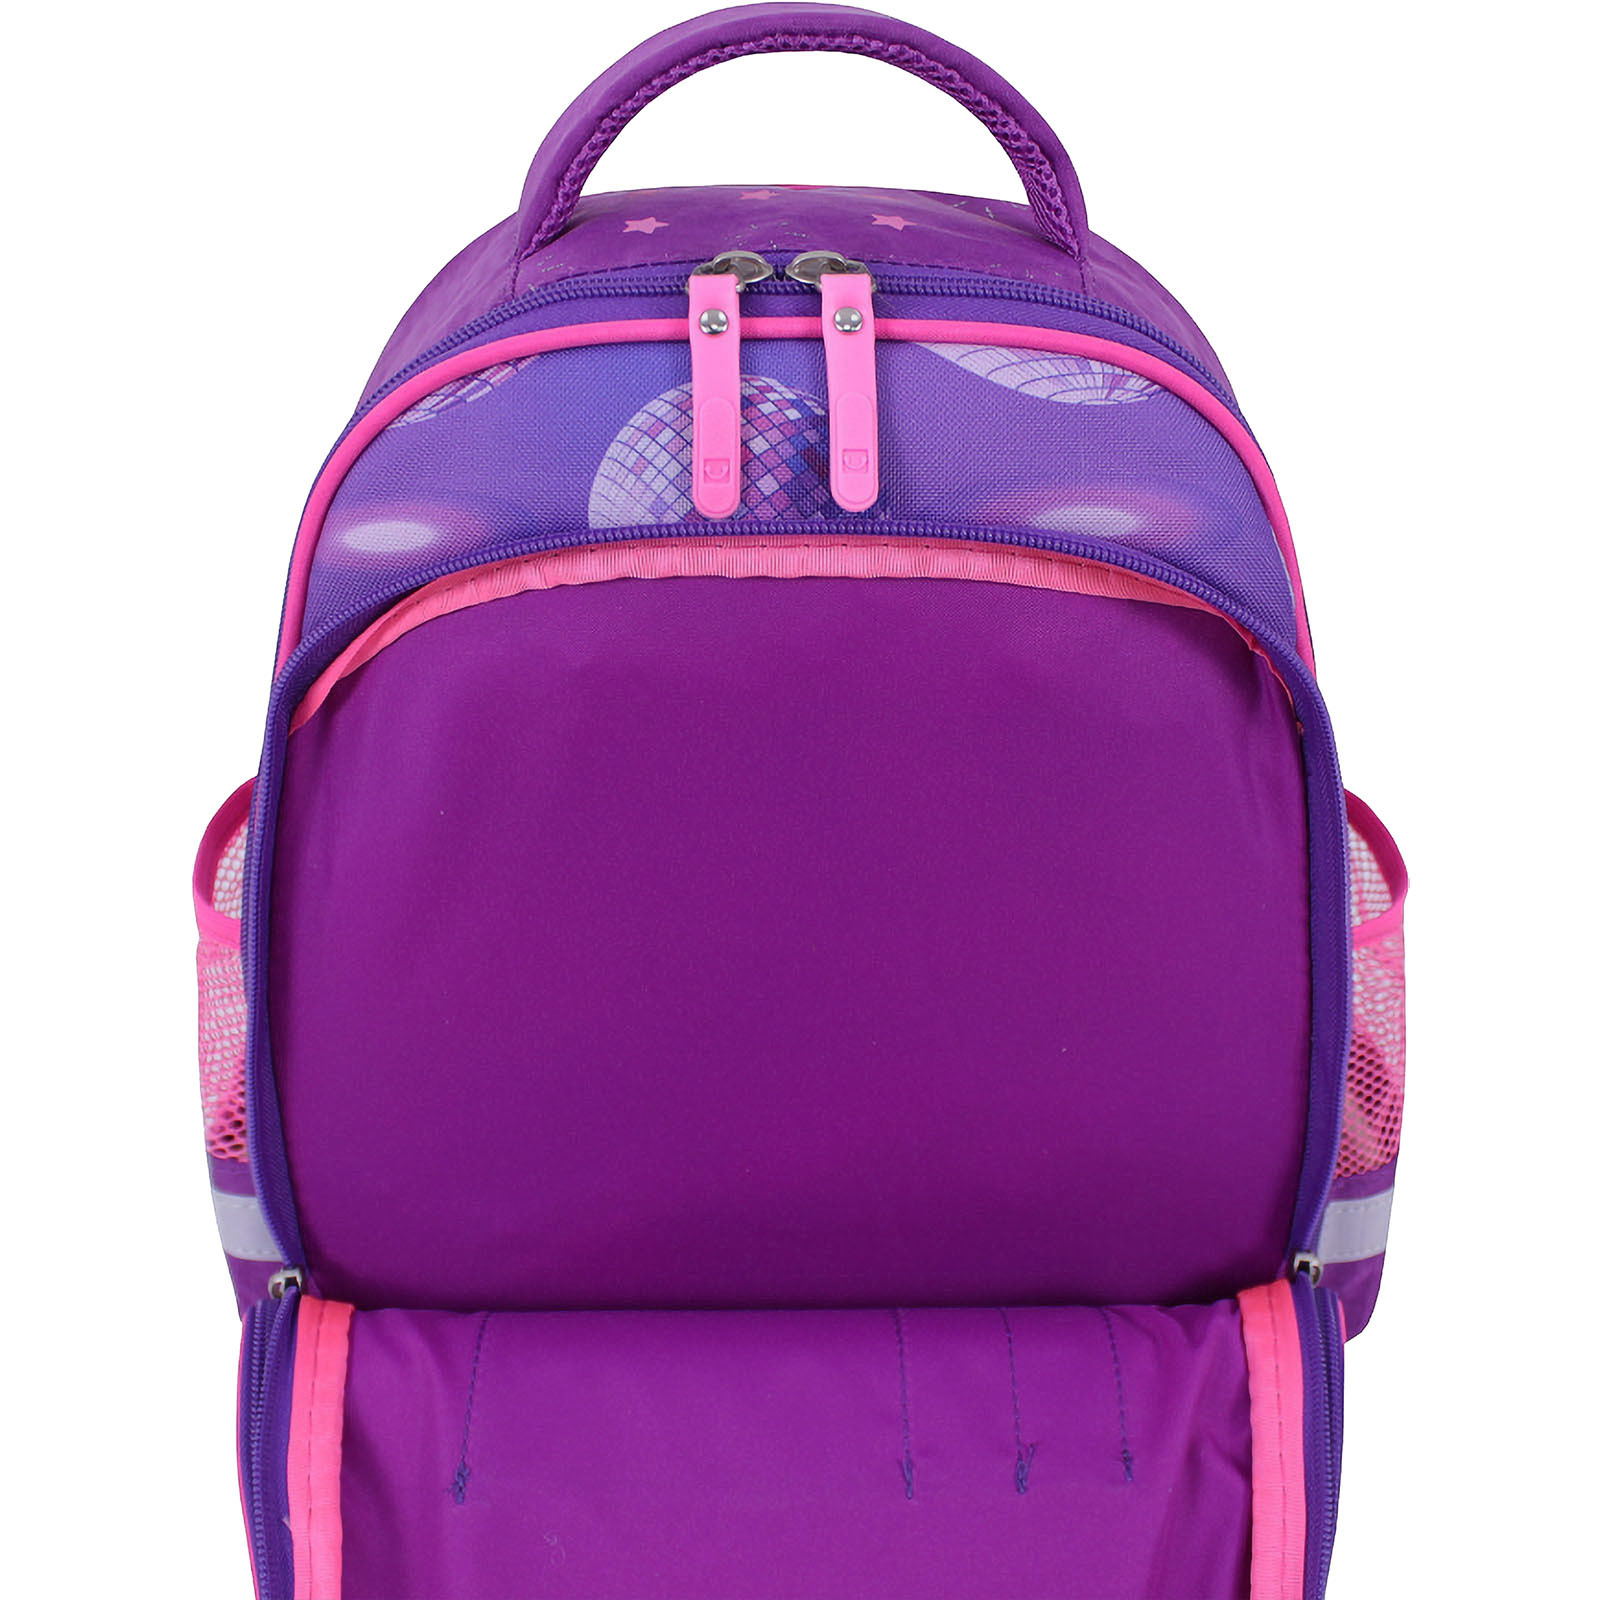 Рюкзак школьный Bagland Mouse 339 фиолетовый 503 (0051370) фото 4